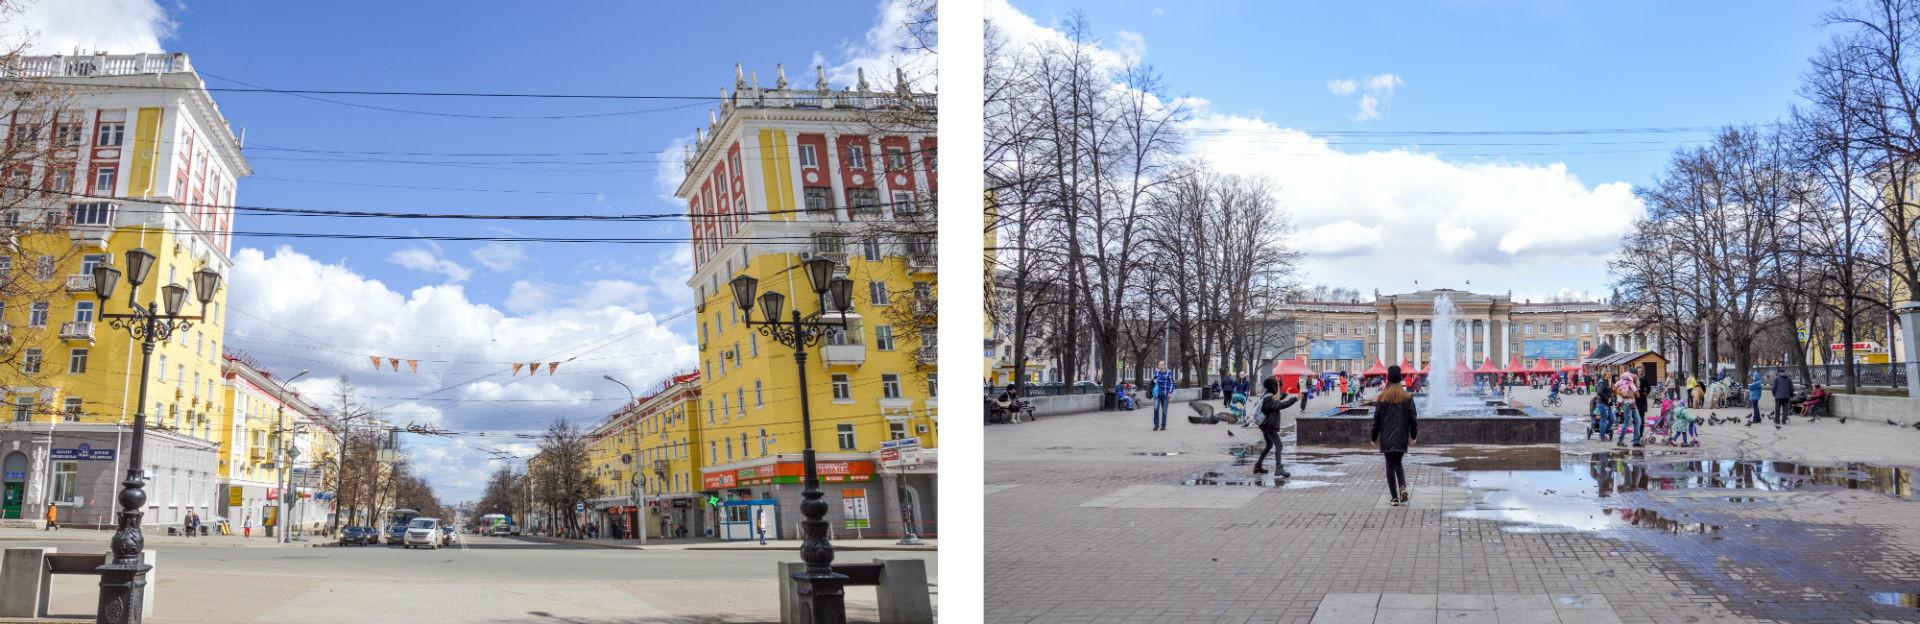 Ces deux colossaux édifices ont attiré mon attention, me poussant à descendre du véhicule et à découvrir ce lieu authentique.